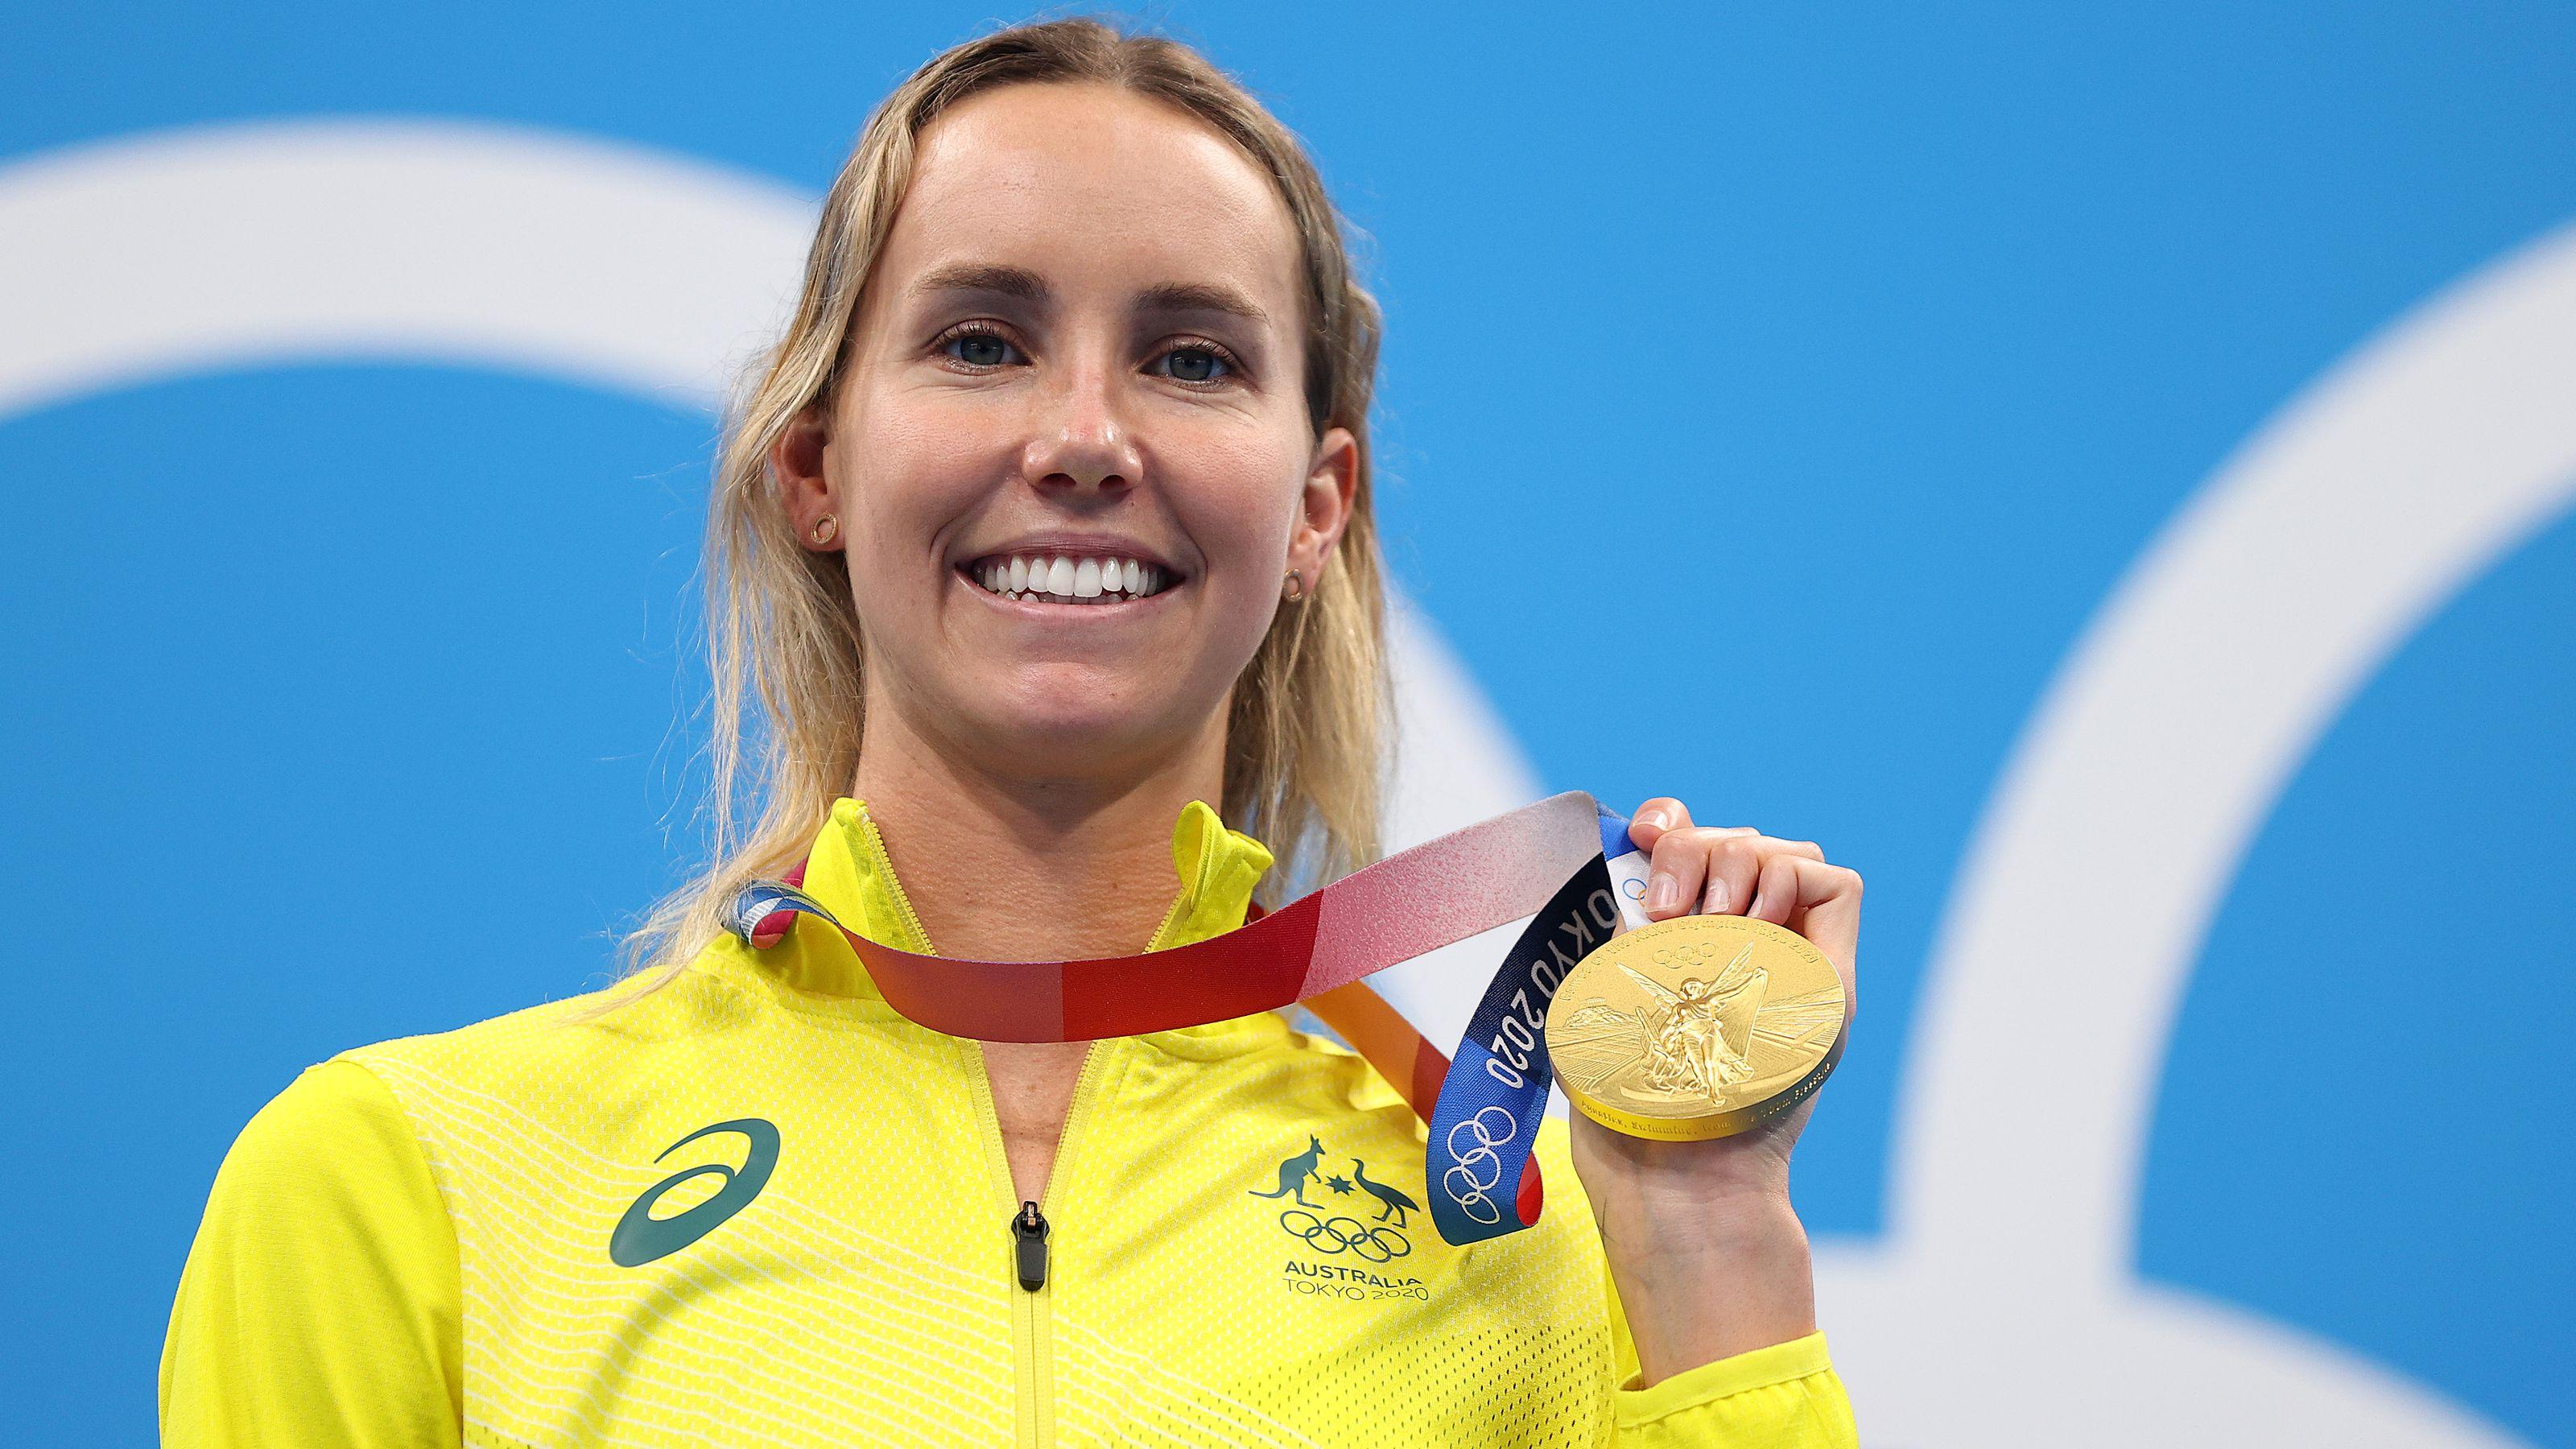 Swim queen closing in on Aussie GOAT status